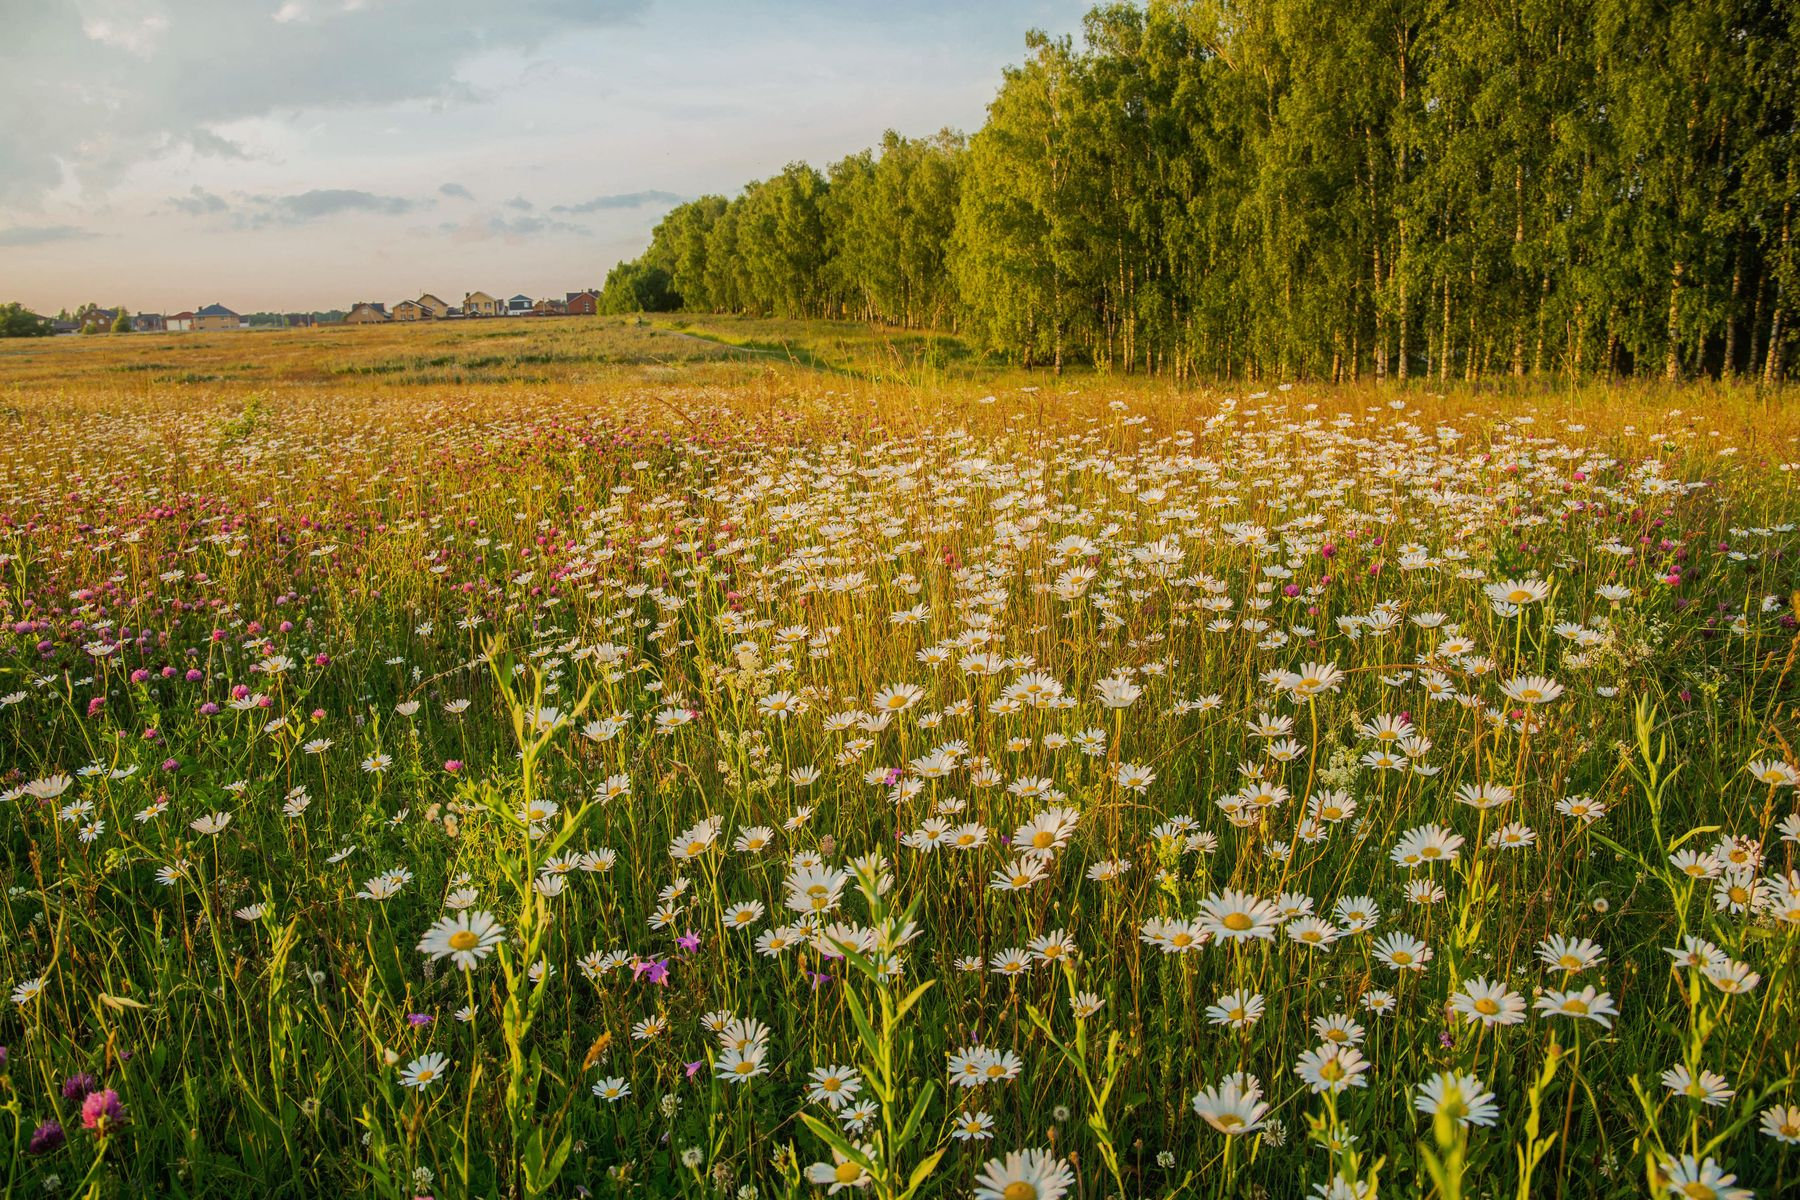 Ромашковое поле природа пейзаж лето вечер татарстан новочувашский поле ромашки цветы